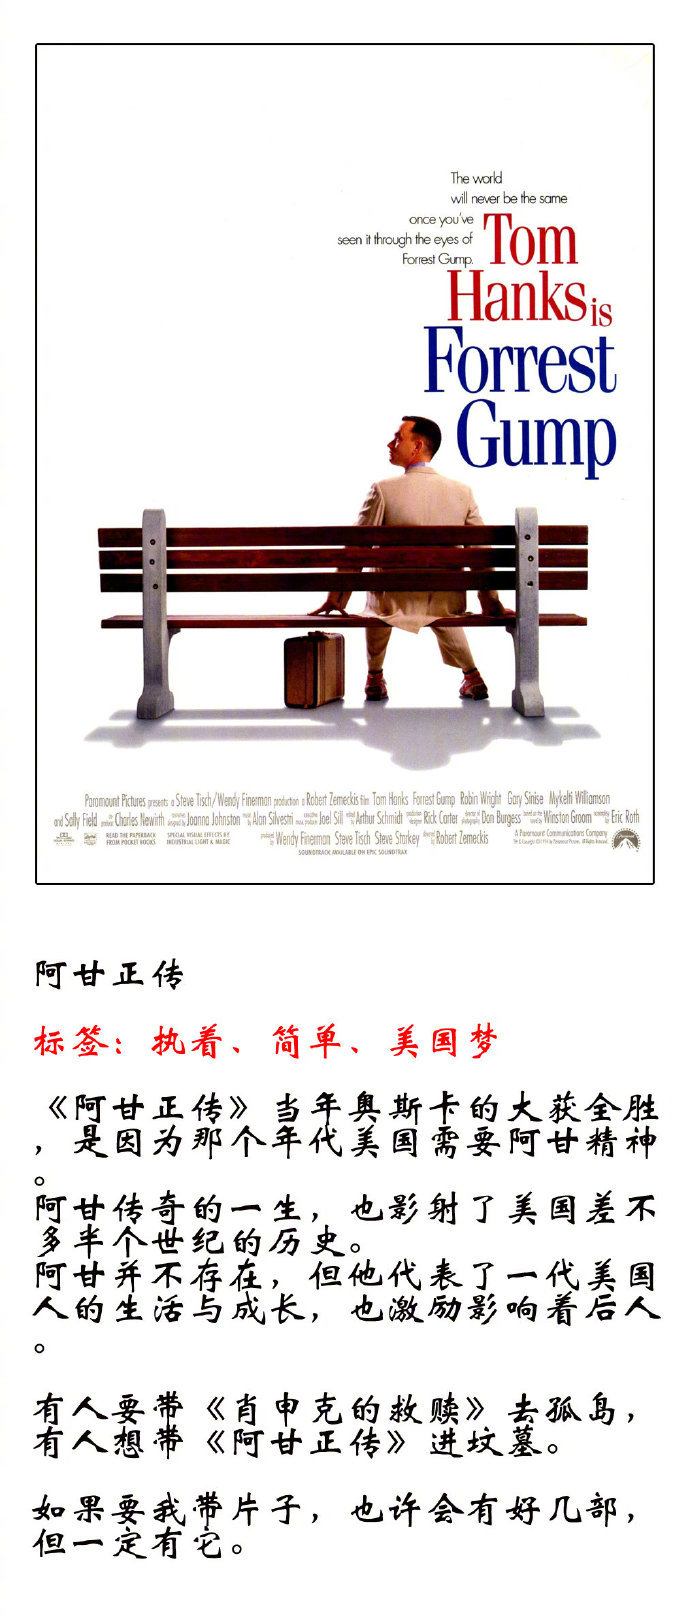 《肖申克的救赎》都拿不到奥斯卡奖的1994年,到底上映了哪些神作?